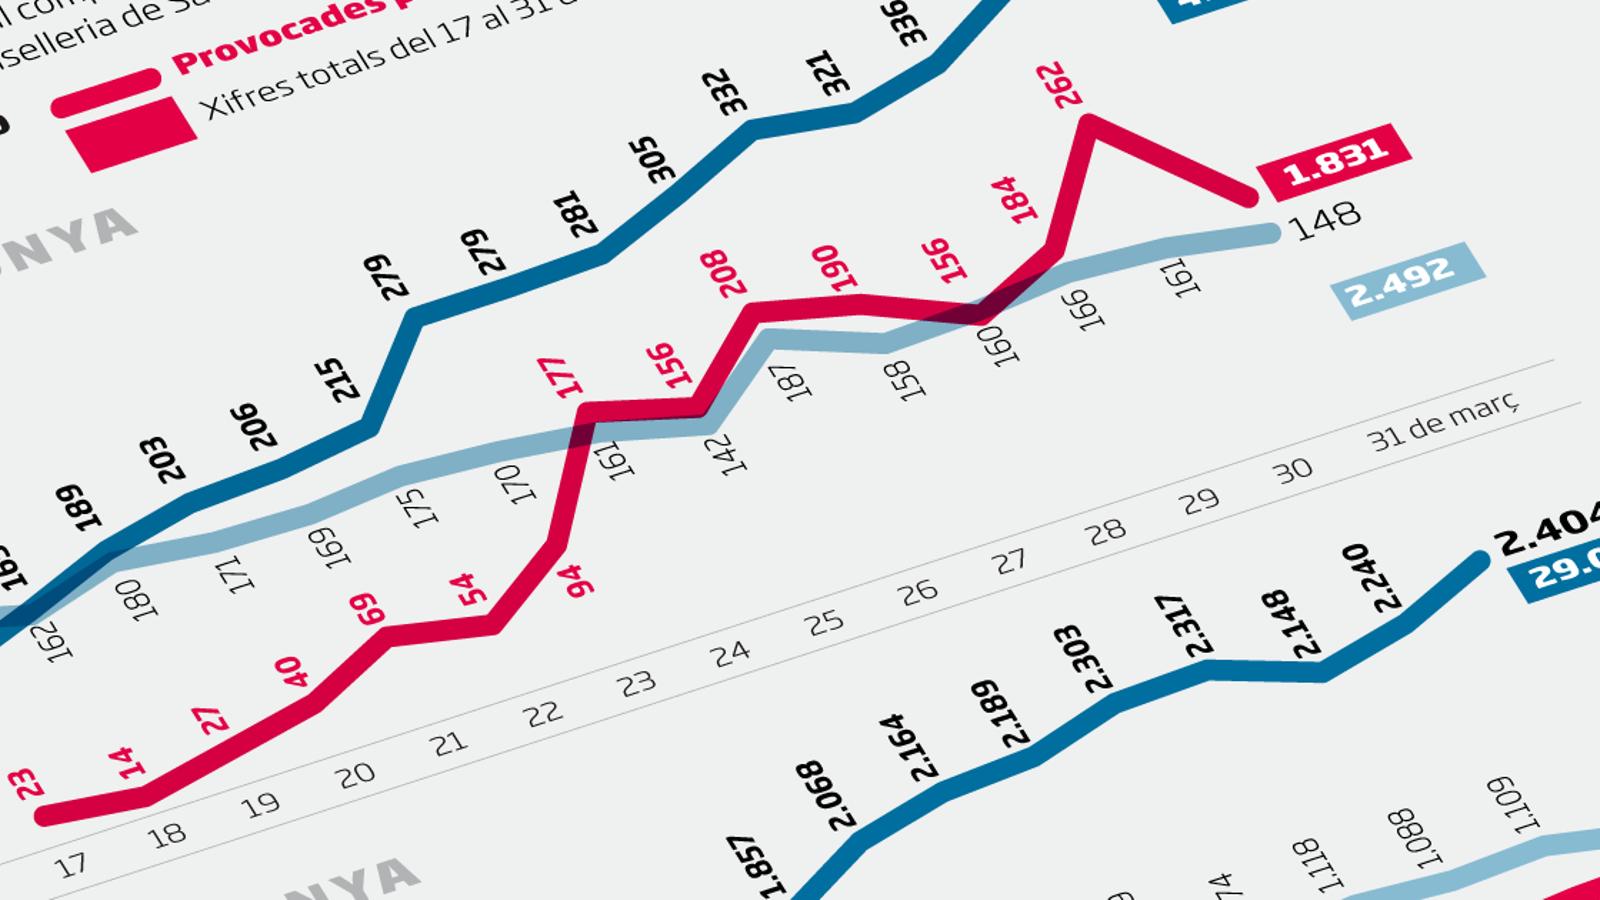 La mortalitat a Catalunya es va disparar un 62% la segona quinzena de març